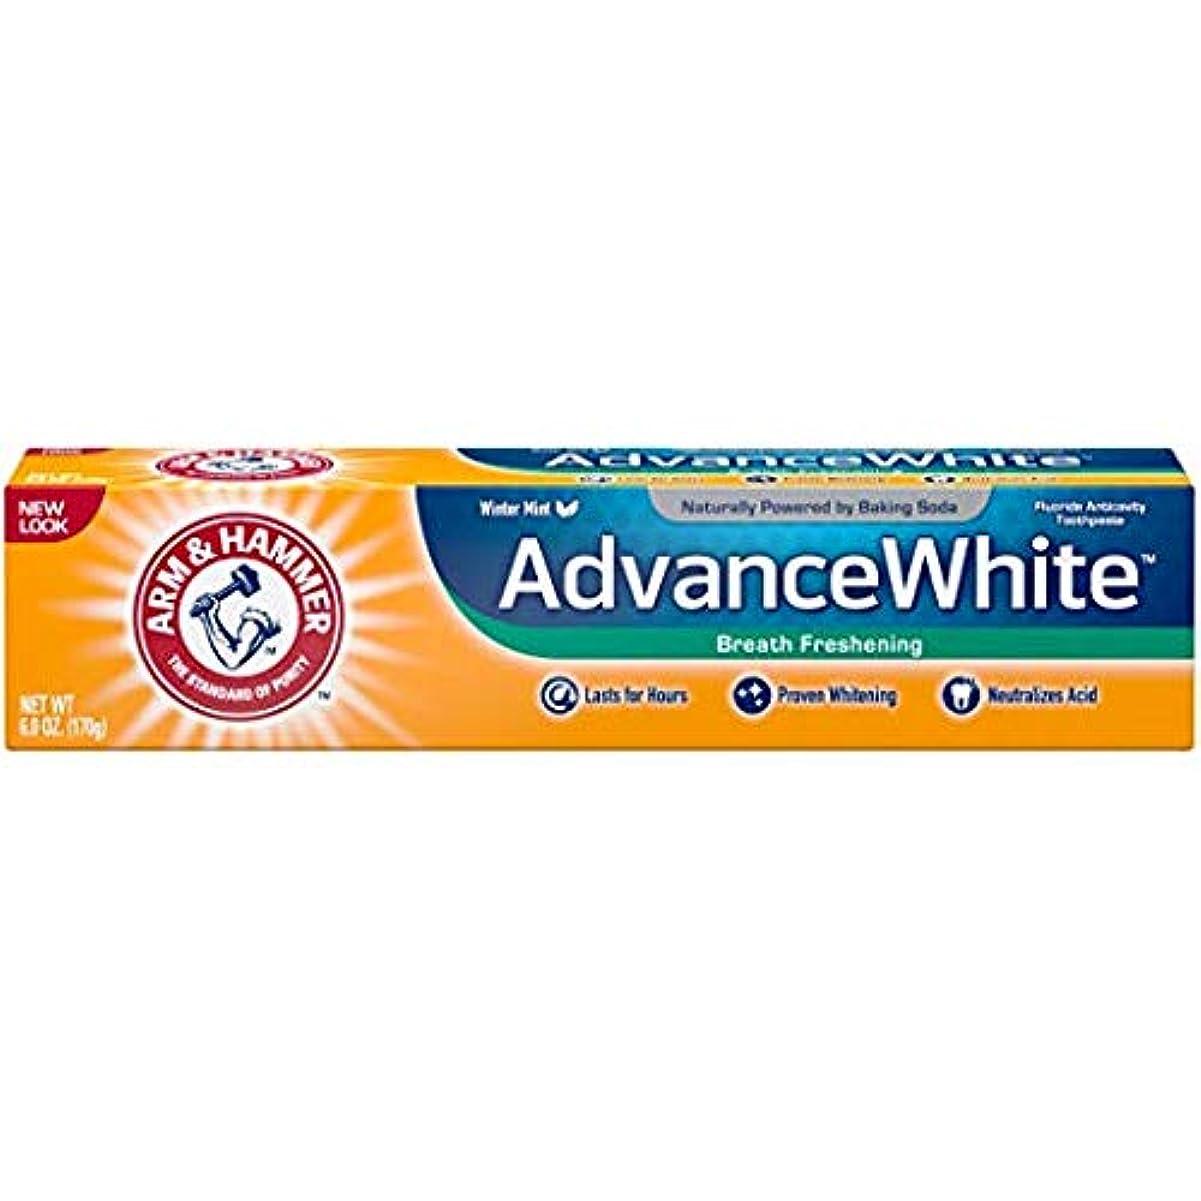 針選択工夫するArm & Hammer アドバンスホワイト重曹歯磨き粉、フロストミント6オズ(4パック) 4パック